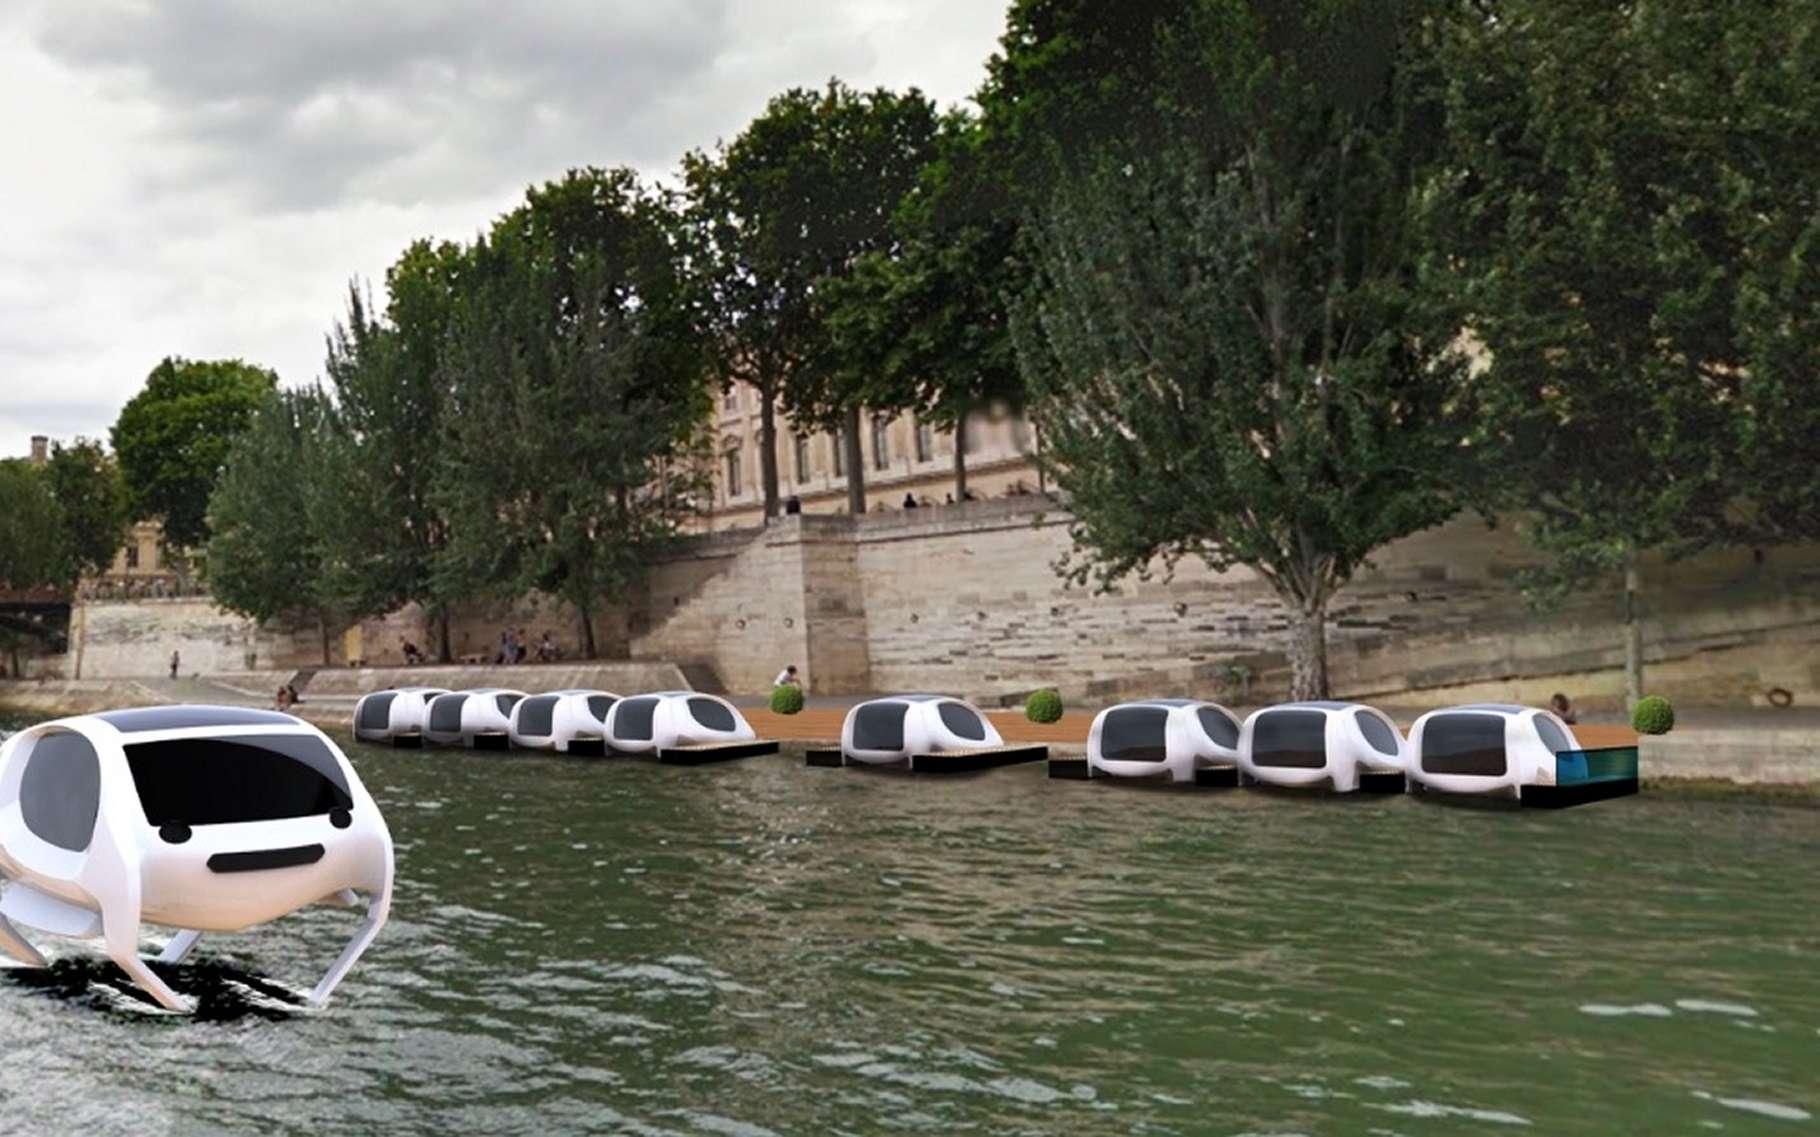 Les bateaux électriques Sea Bubbles pourraient un jour permettre de se déplacer sur la Seine, mais aussi la Tamise ou le lac Léman. Serait-ce un moyen de transport pour de futures mégalopoles ? © Sea Bubbles